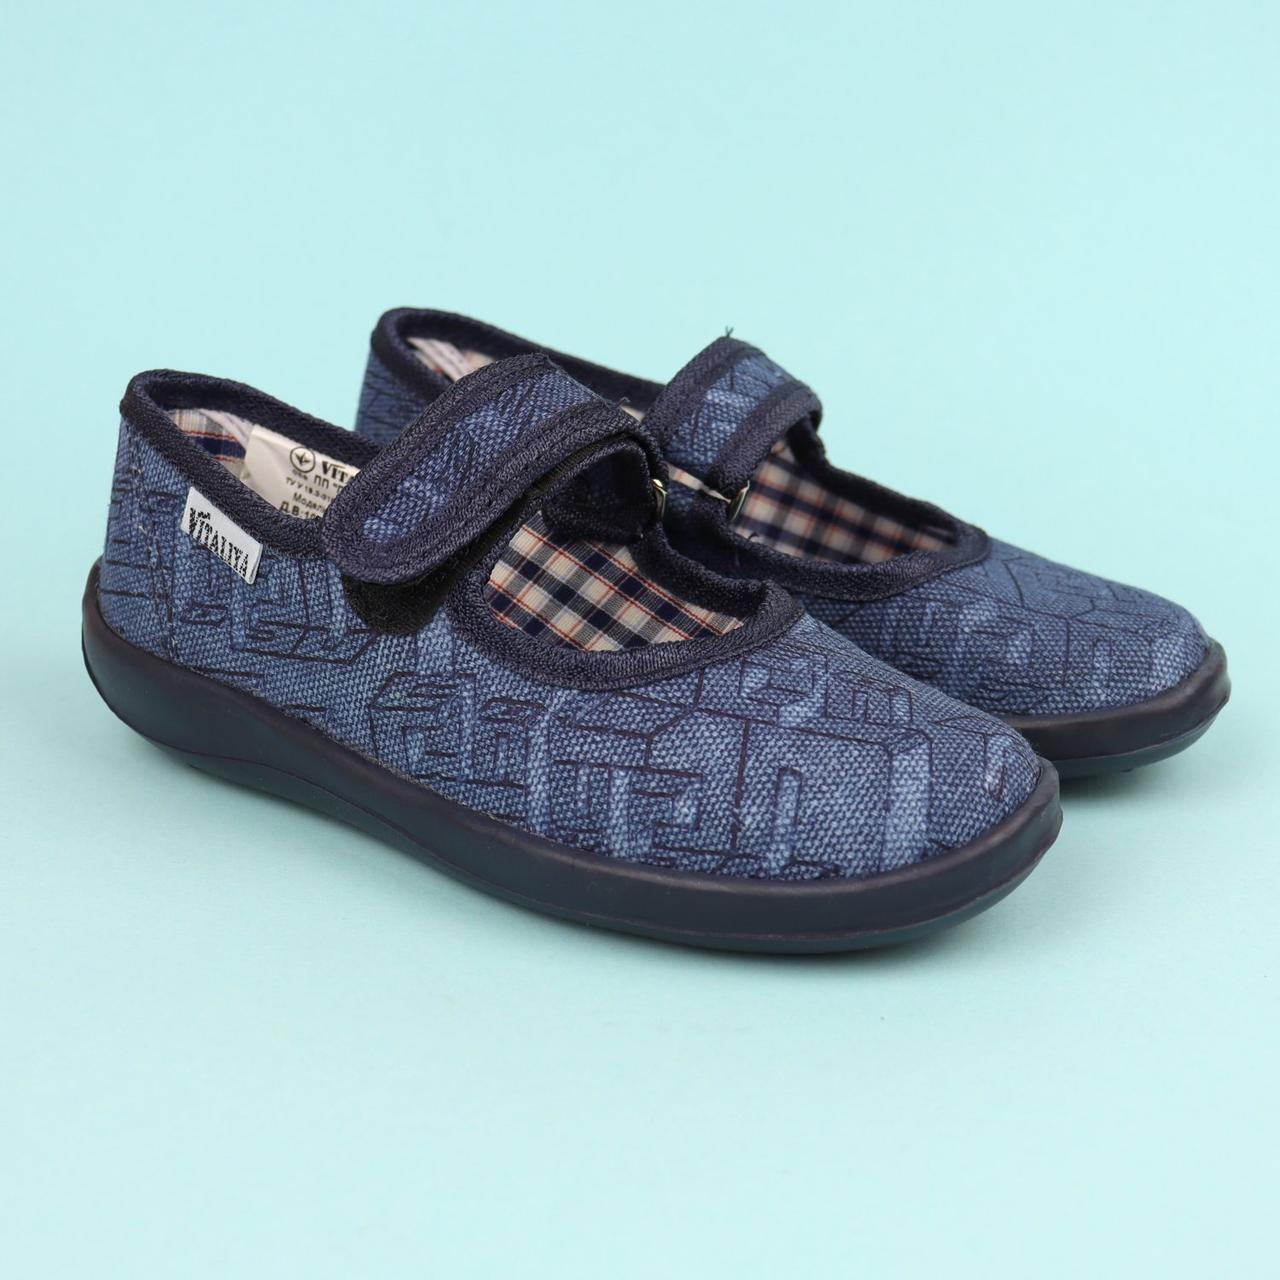 Текстильна дитяче взуття оптом Тапочки в садок на хлопчика Vitaliya Віталія Україна, розміри 28-29